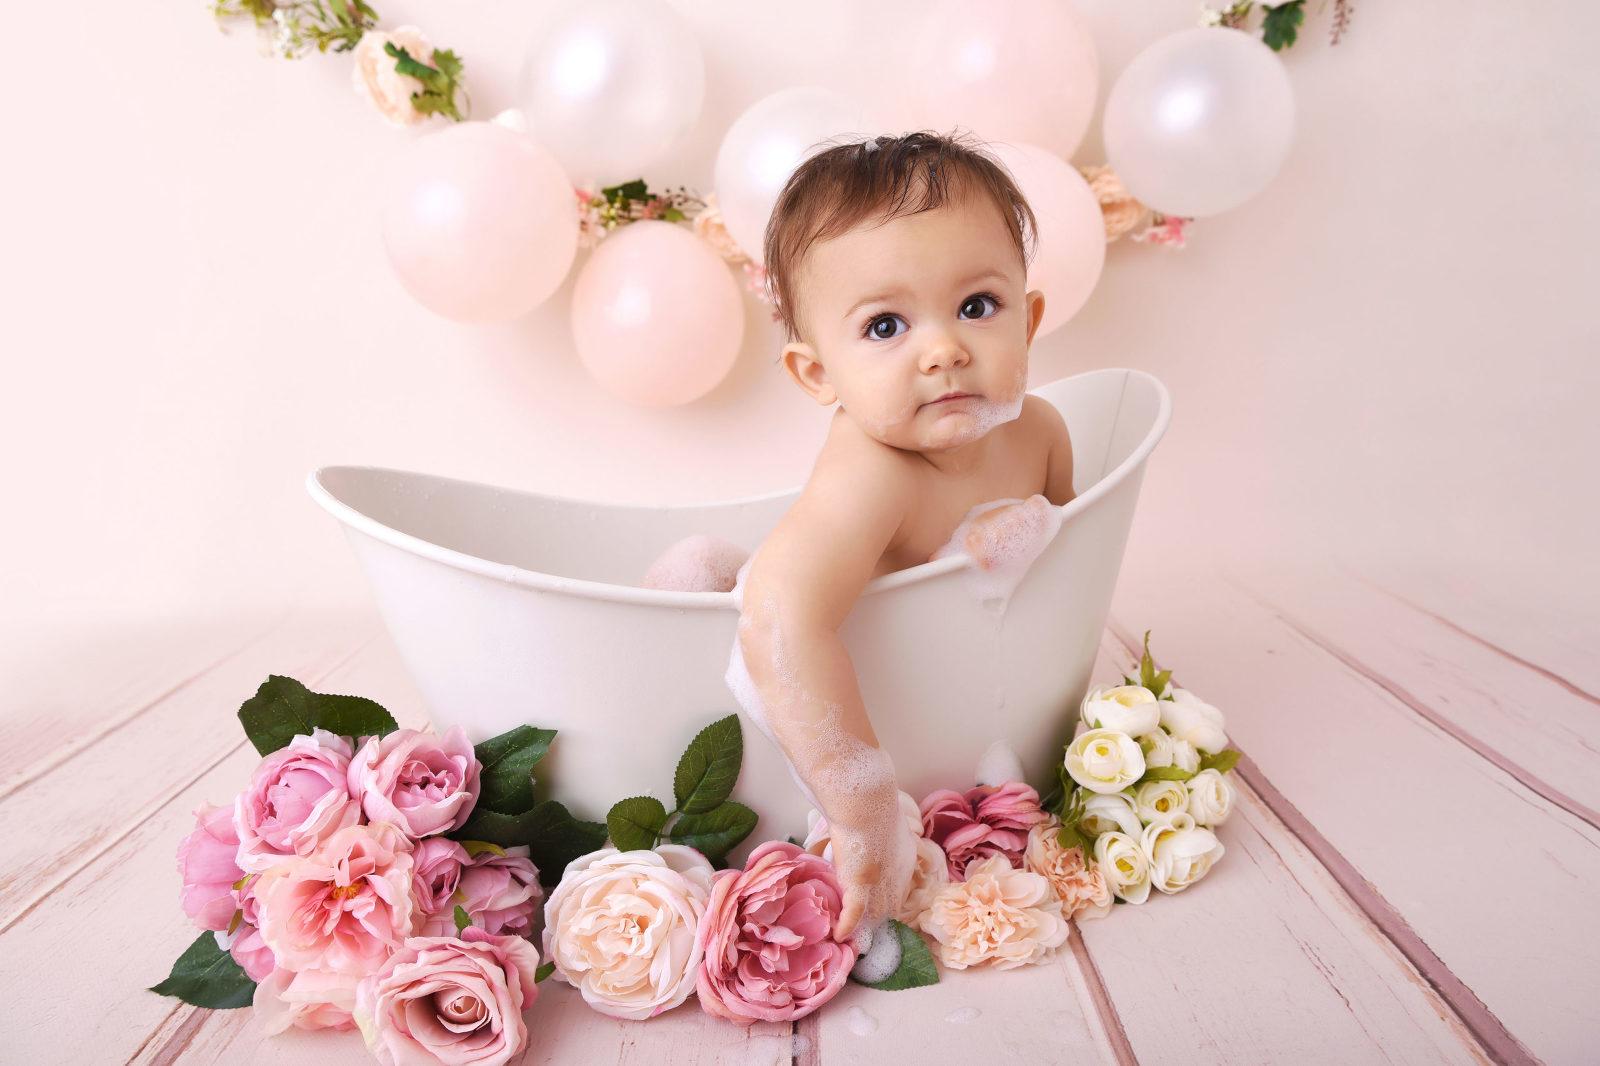 bebe dans sa baignoire